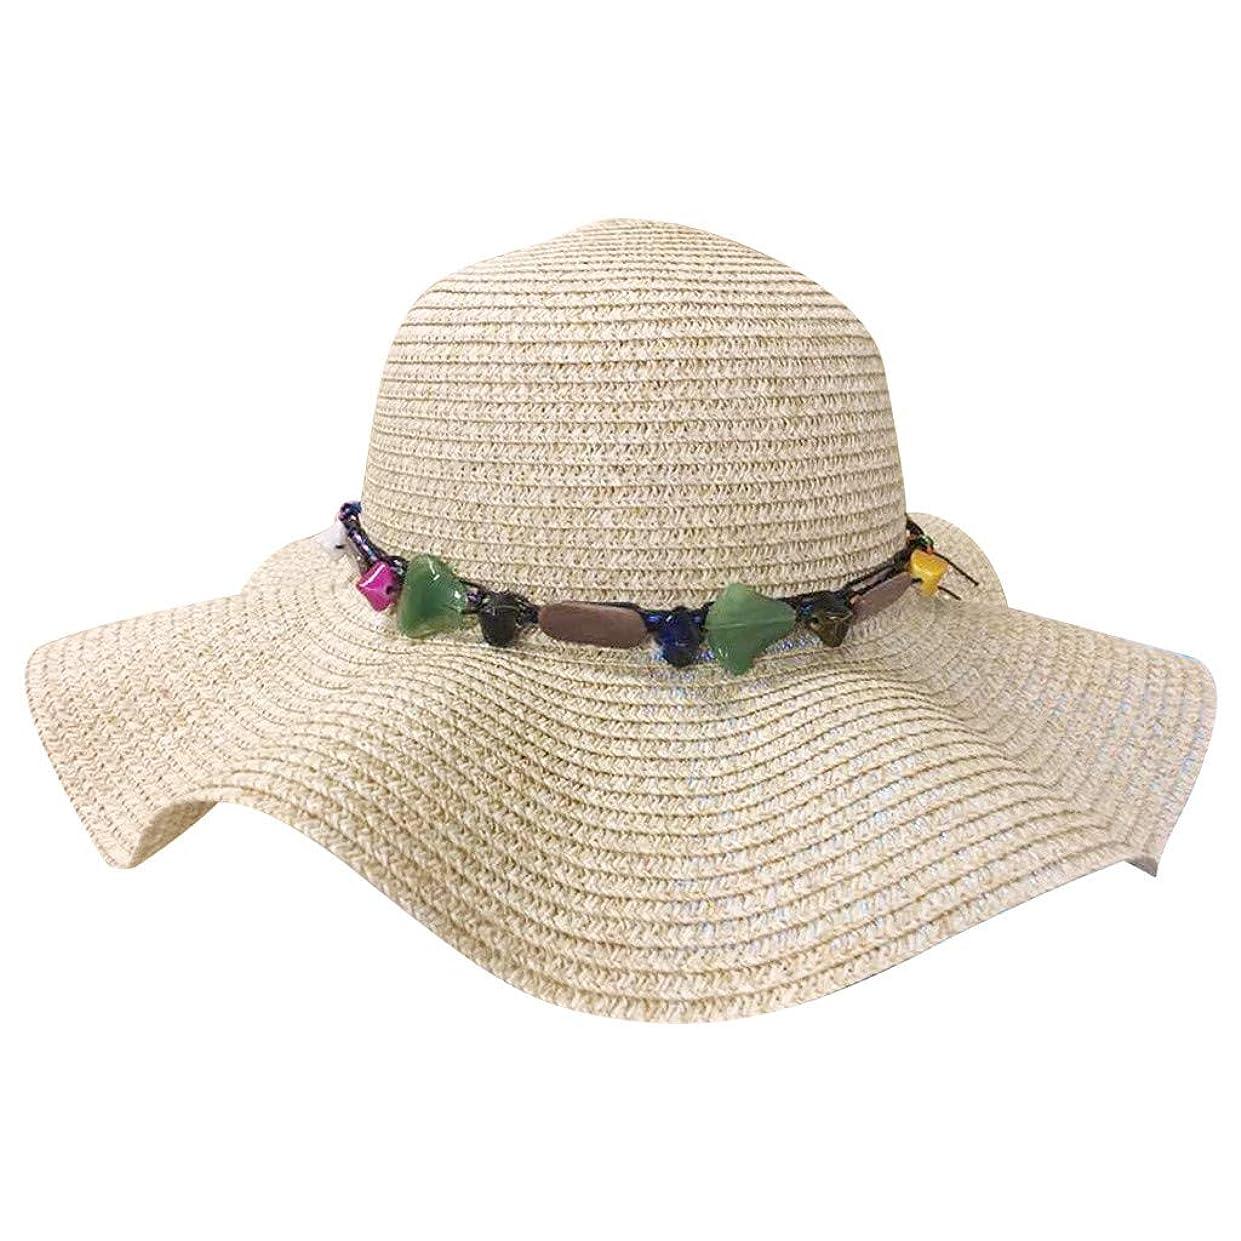 現代振動させる色大きいサイズ 日よけ 帽子 レディース つば広 ハット uvカット ハット 紫外線対策 可愛い 小顔効果抜群 折りたたみ サイズ調節可 小顔効果 ビーチ キャップ レディース 海辺 帽子 サイズ調整 テープ 夏 春 ROSE ROMAN